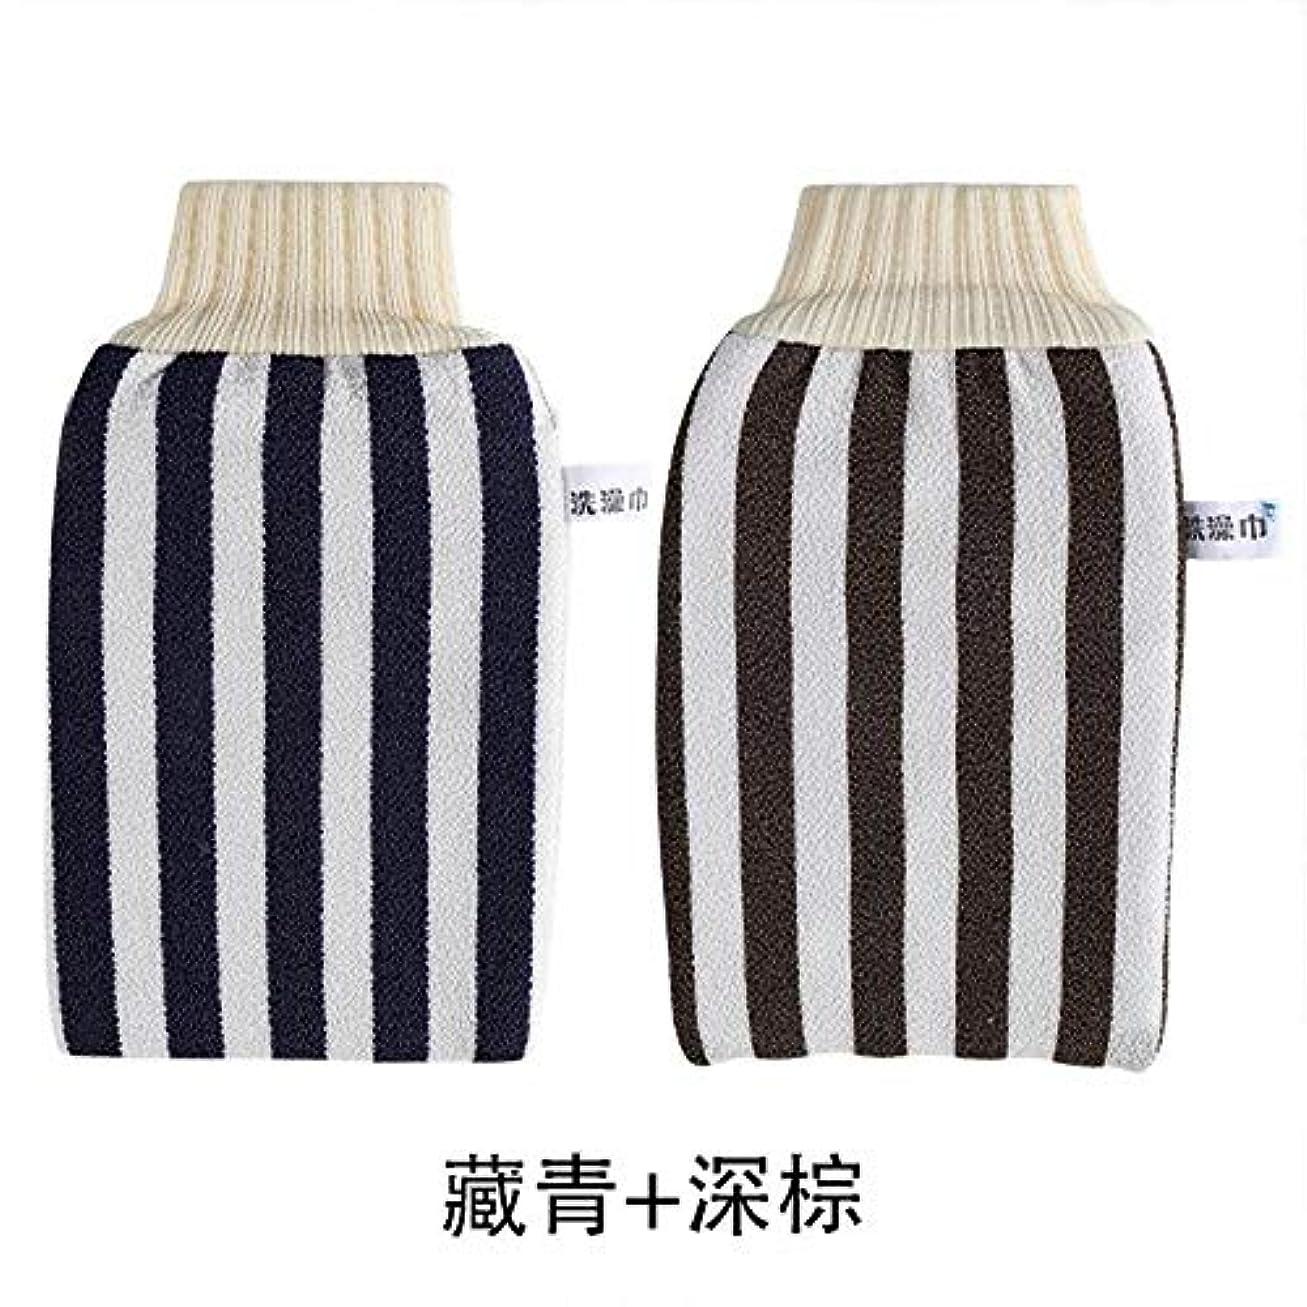 パンチ提出する遊具BTXXYJP お風呂用手袋 シャワー手袋 あかすり ボディブラシ ボディタオル やわらか 角質除去 (Color : Navy+brown)